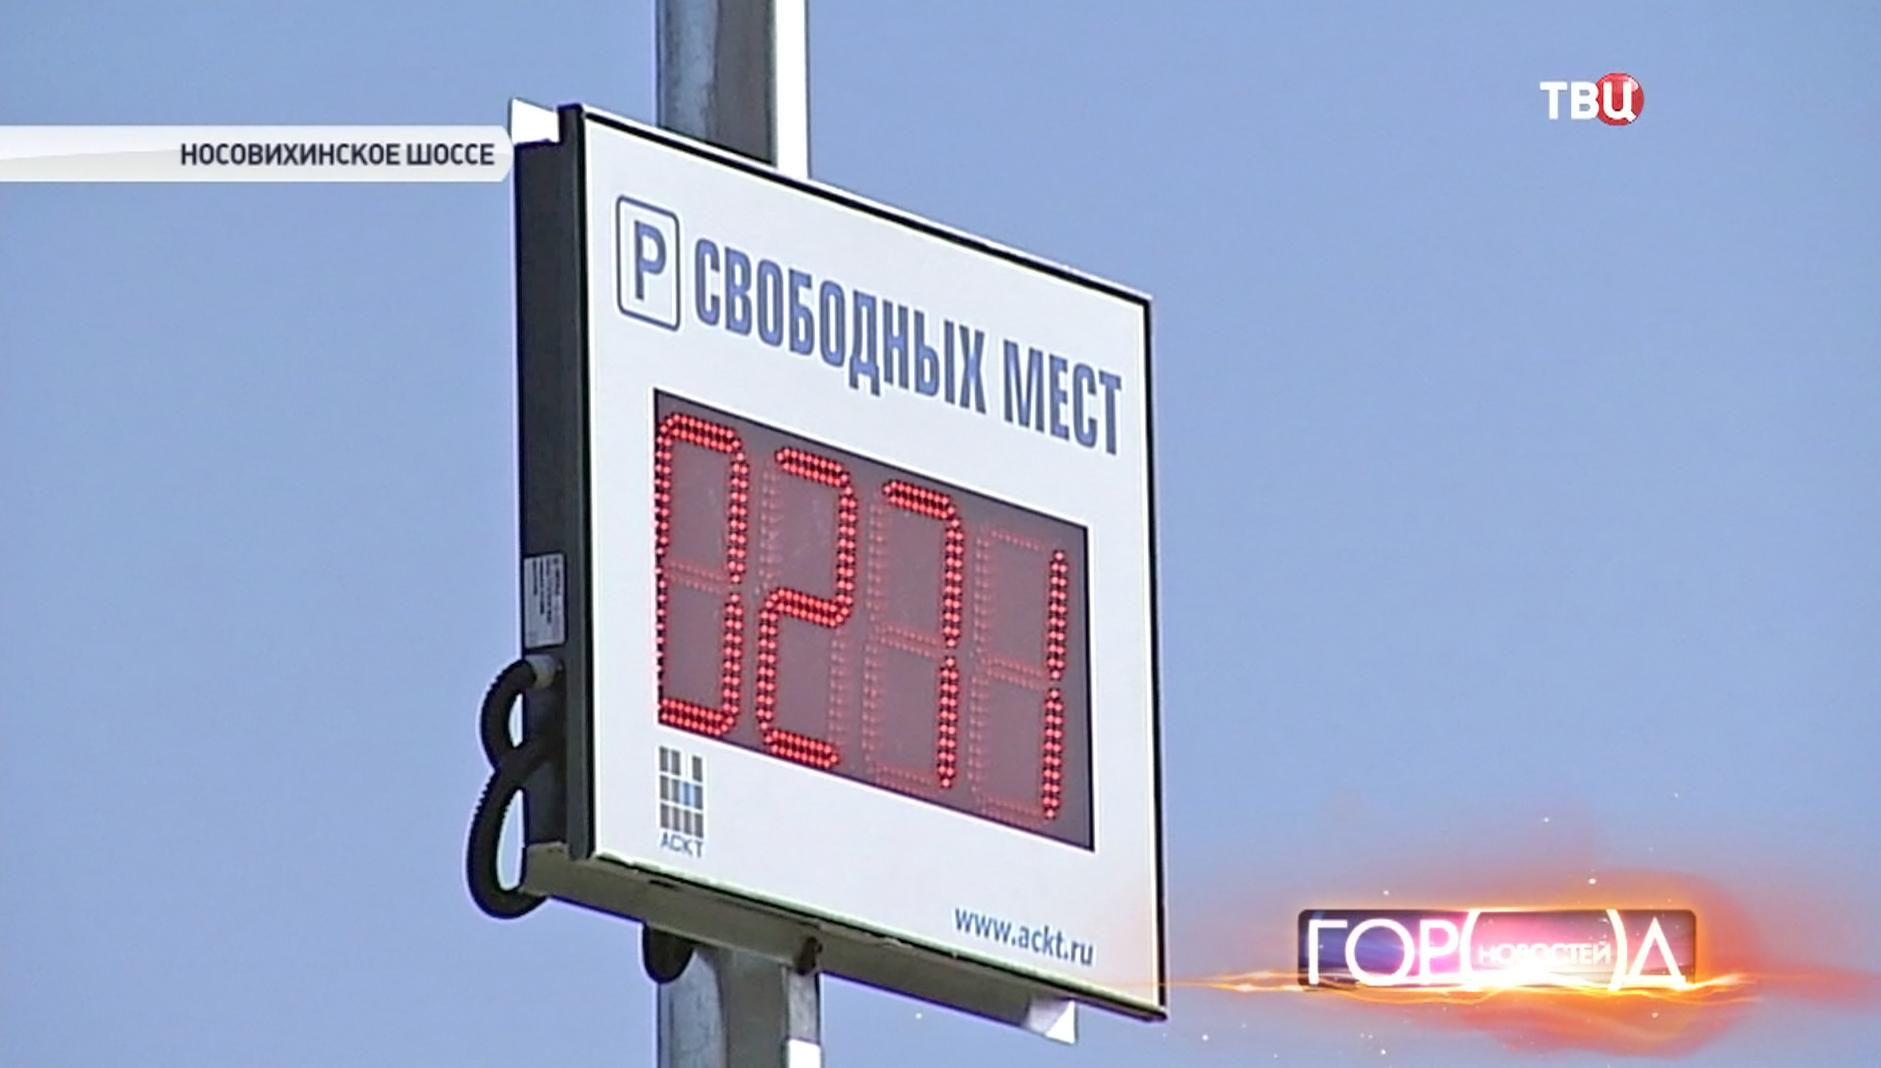 Система подсчета количества свободных мест на авто-парковке